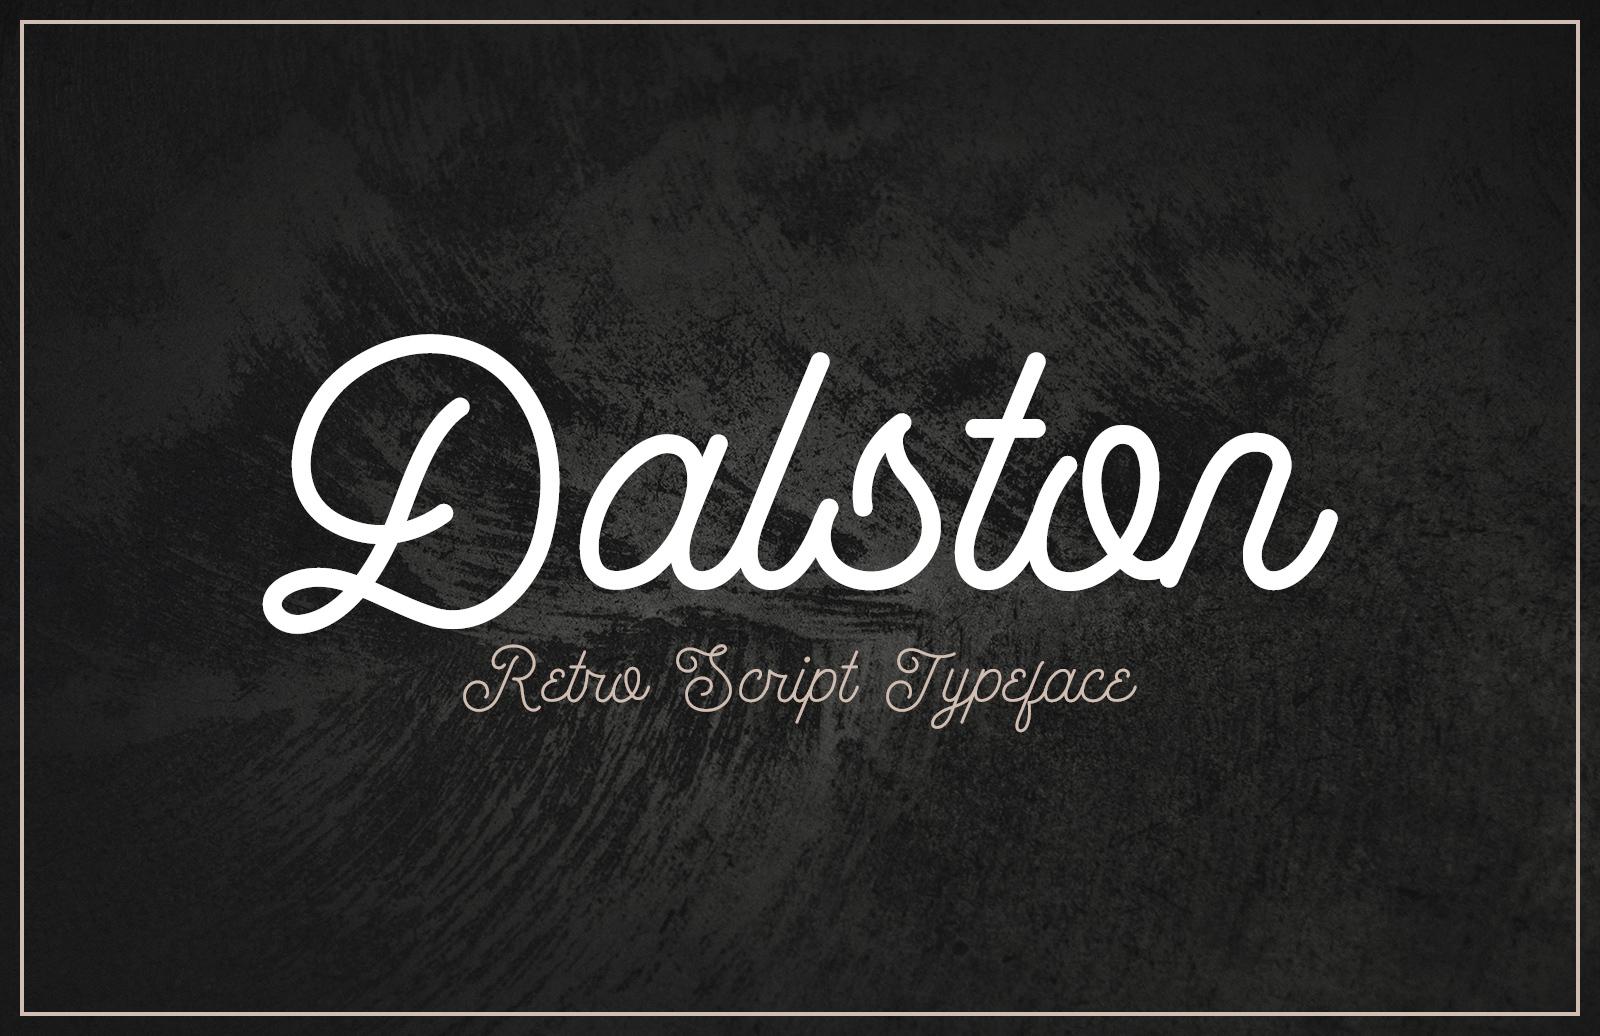 Dalston Retro Script Font Preview 2 1